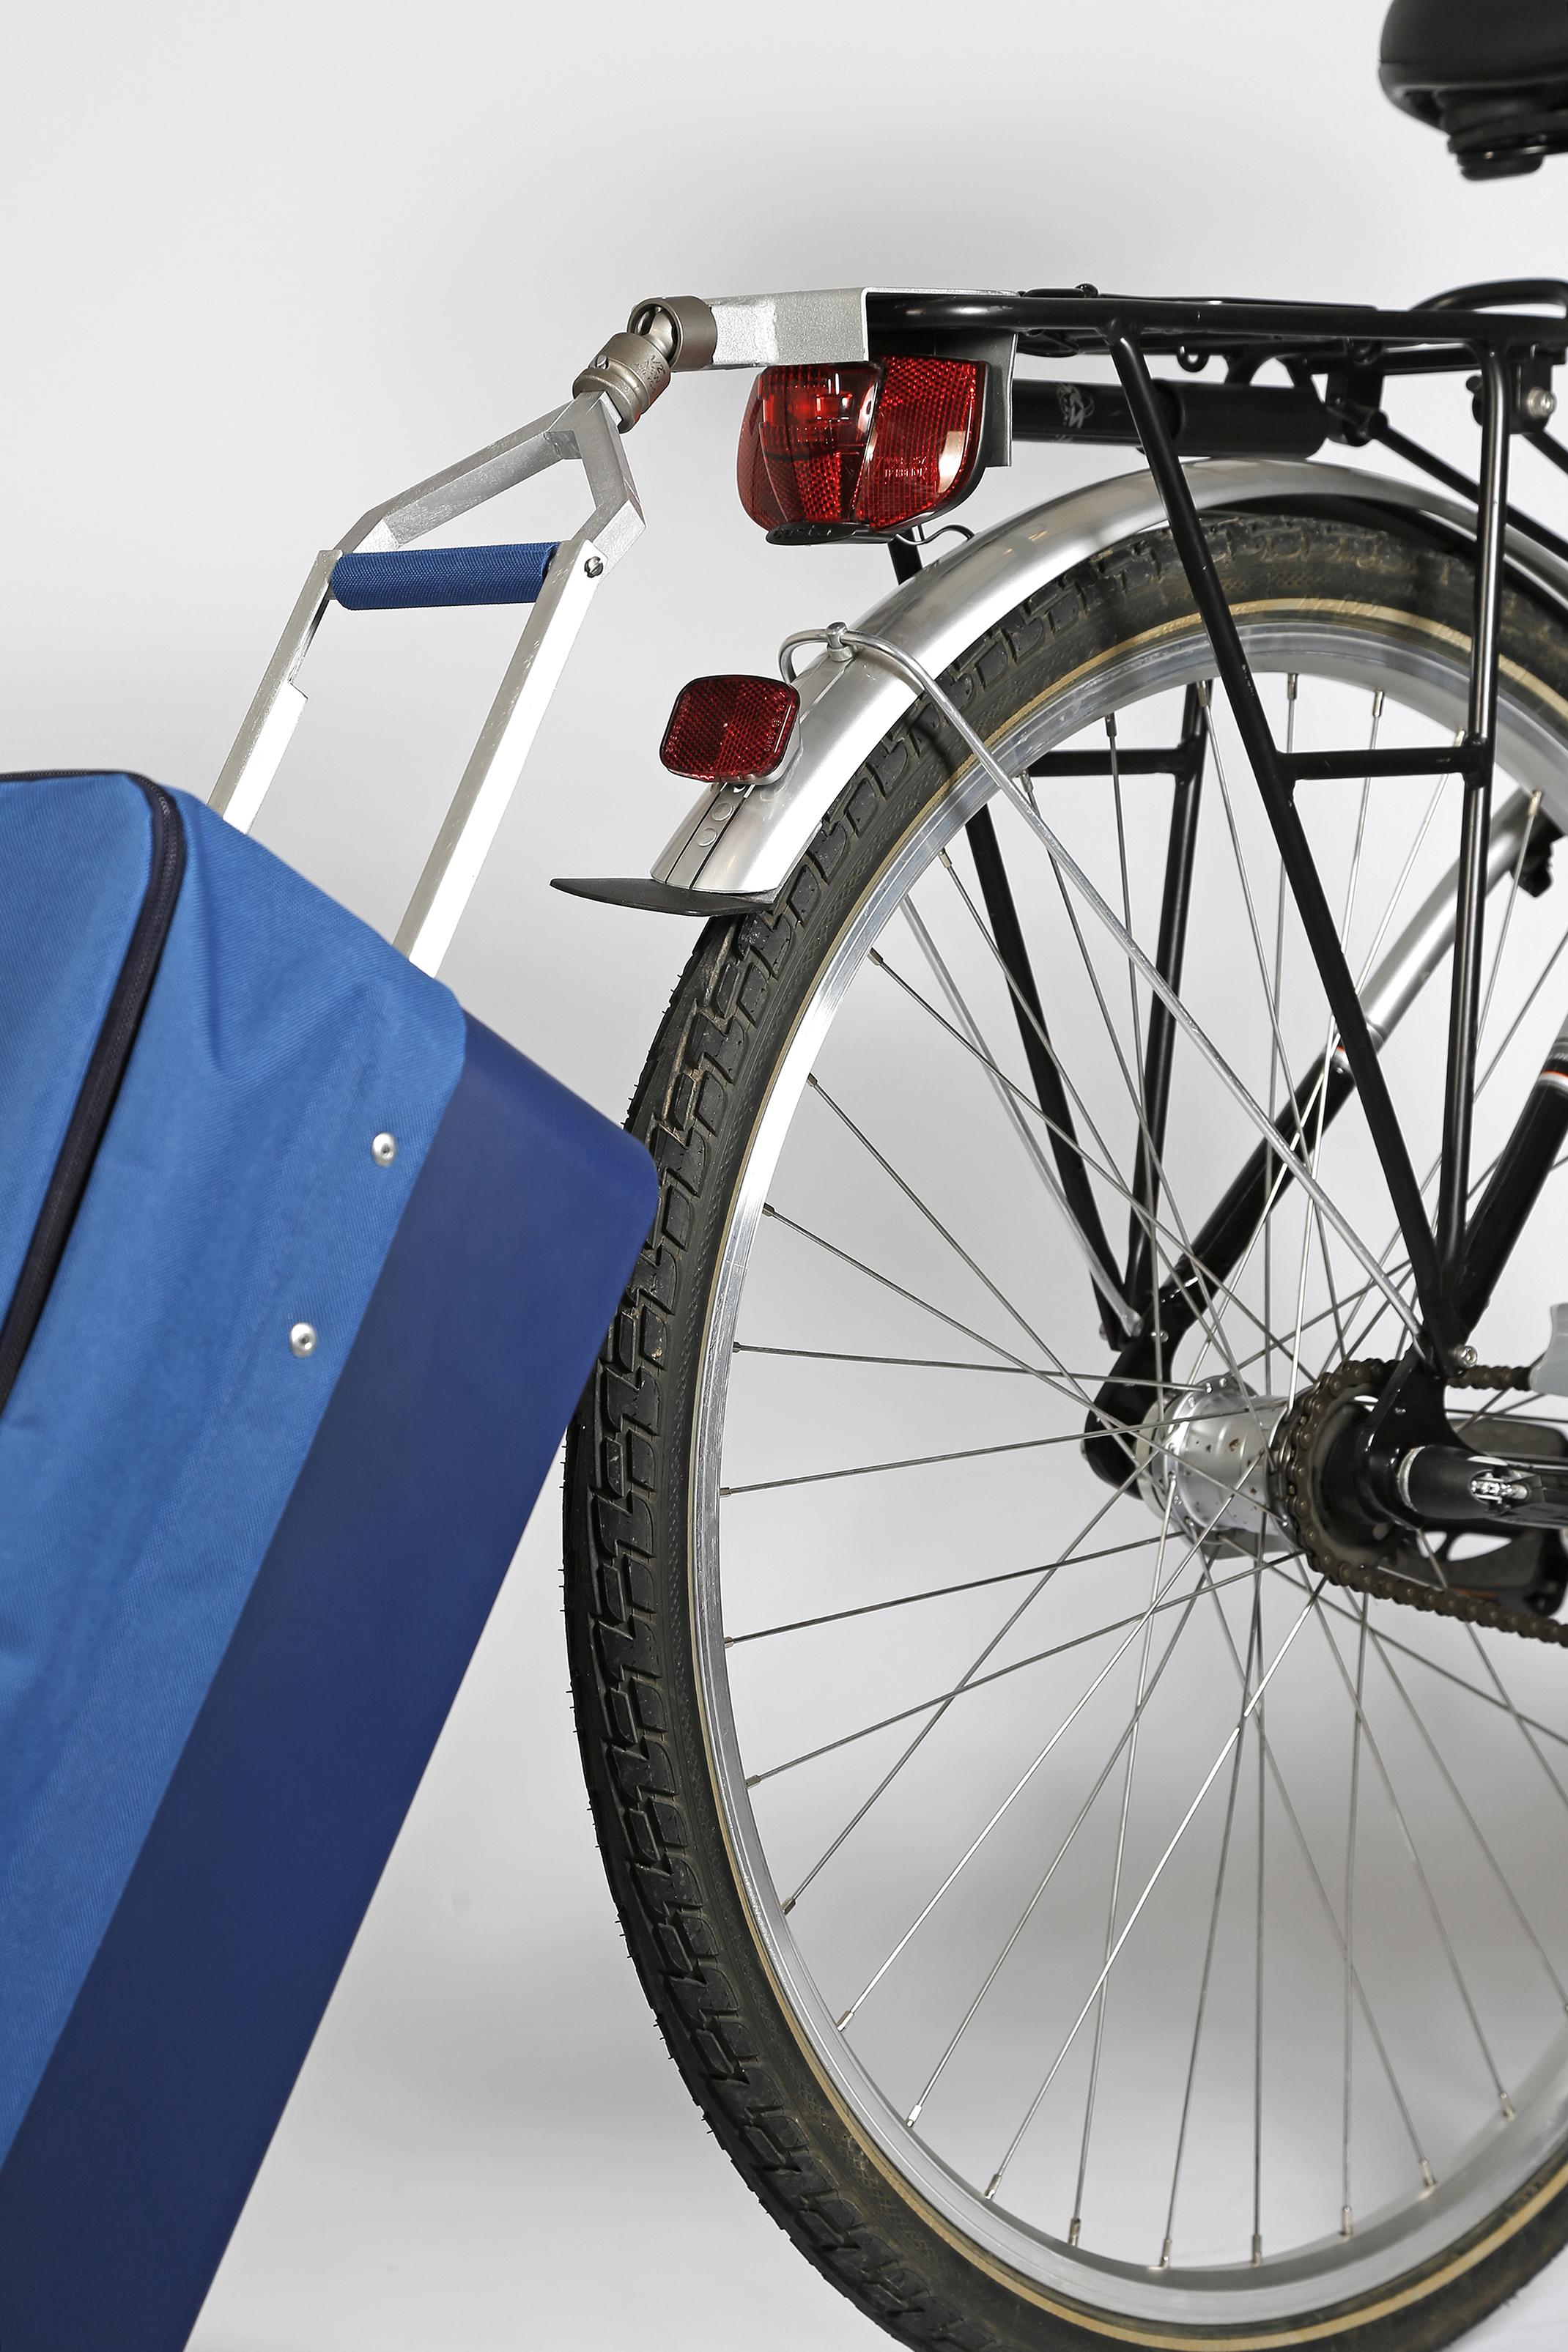 troll n' bike – Nora Queck | Photo: Nora Queck